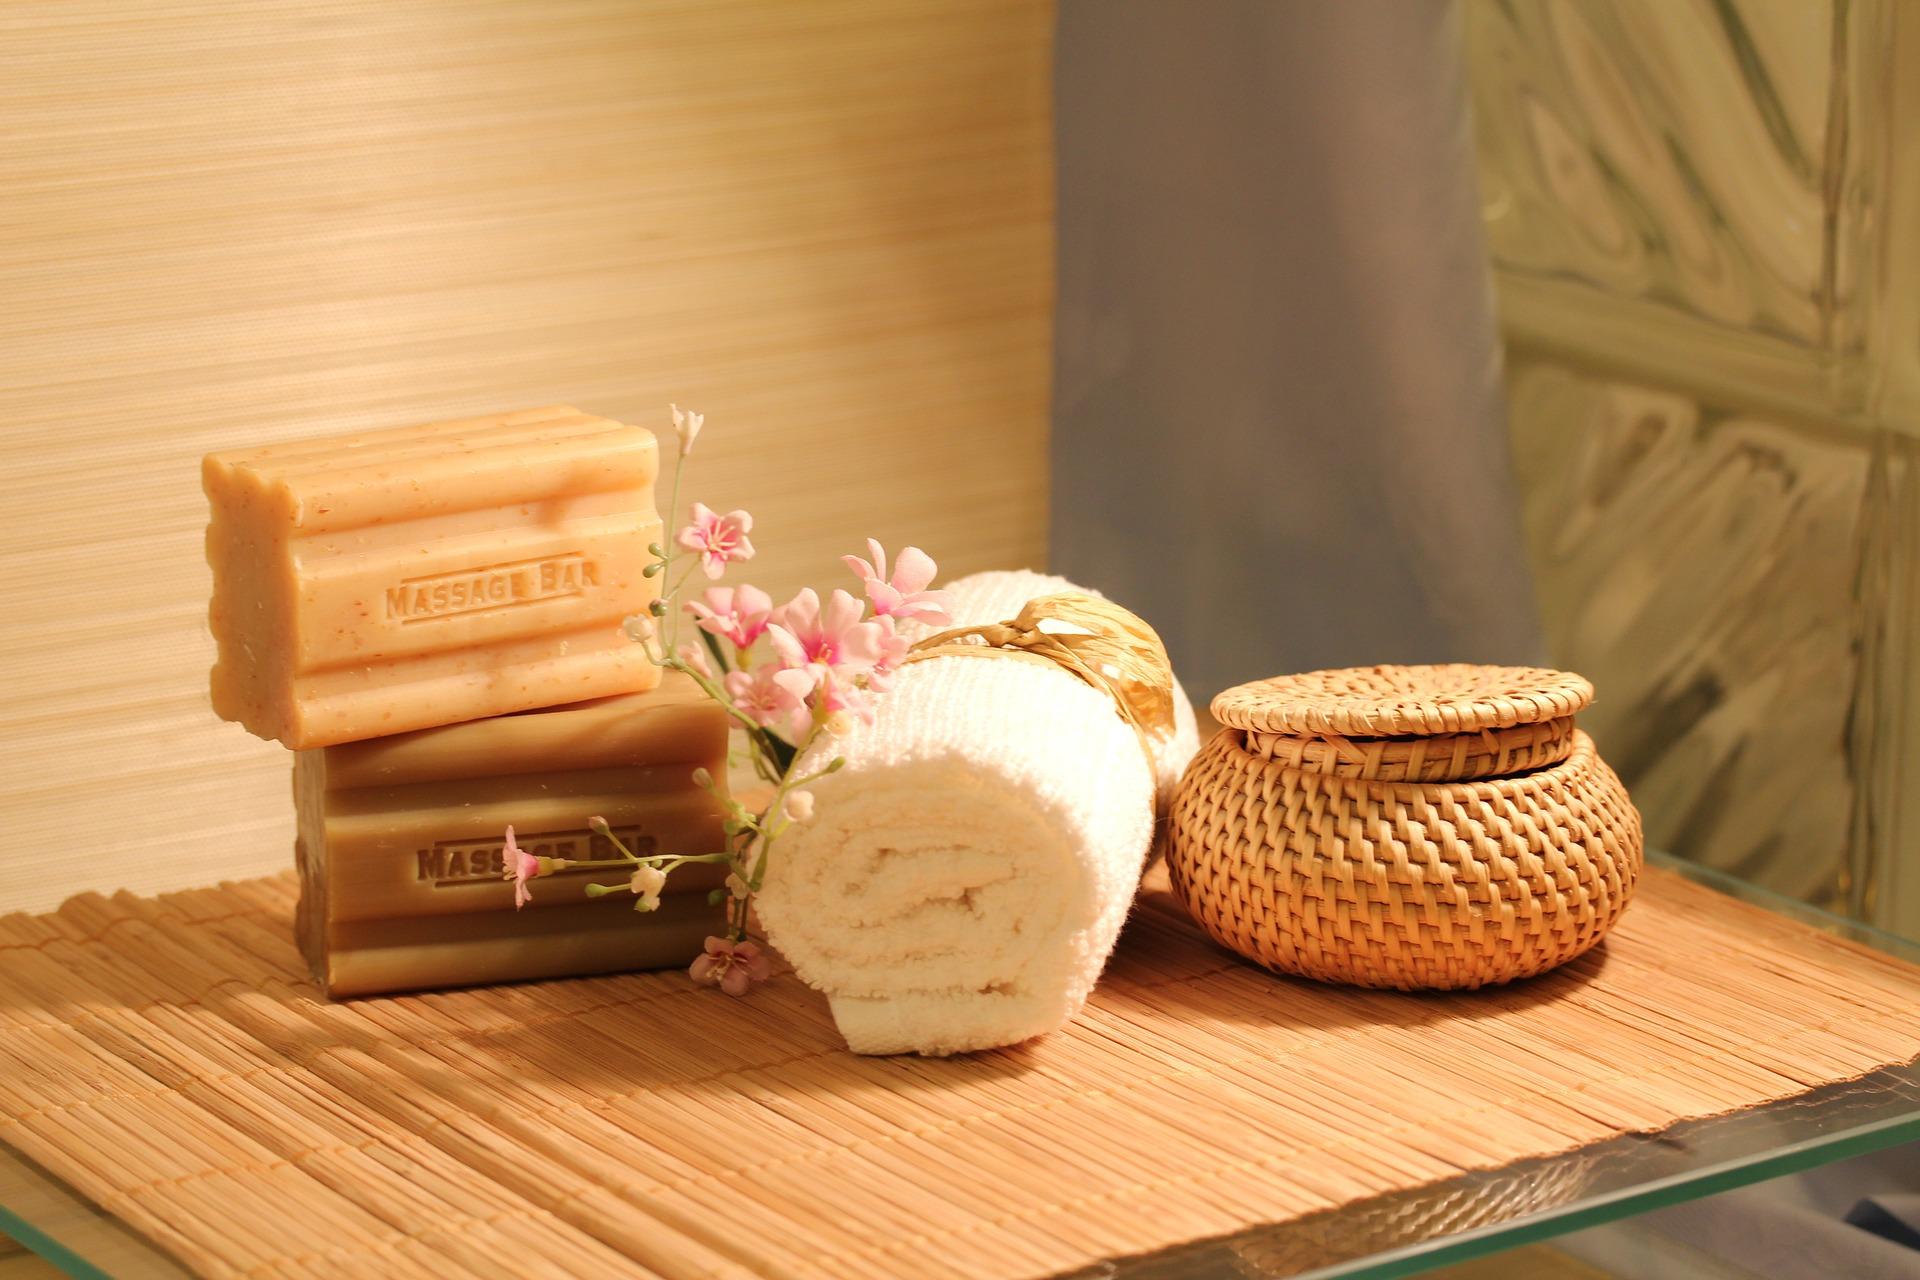 Prostor pro masáž, kompozice ručníku a mýdel na dřevěném stole osvíceném slunečními paprsky.